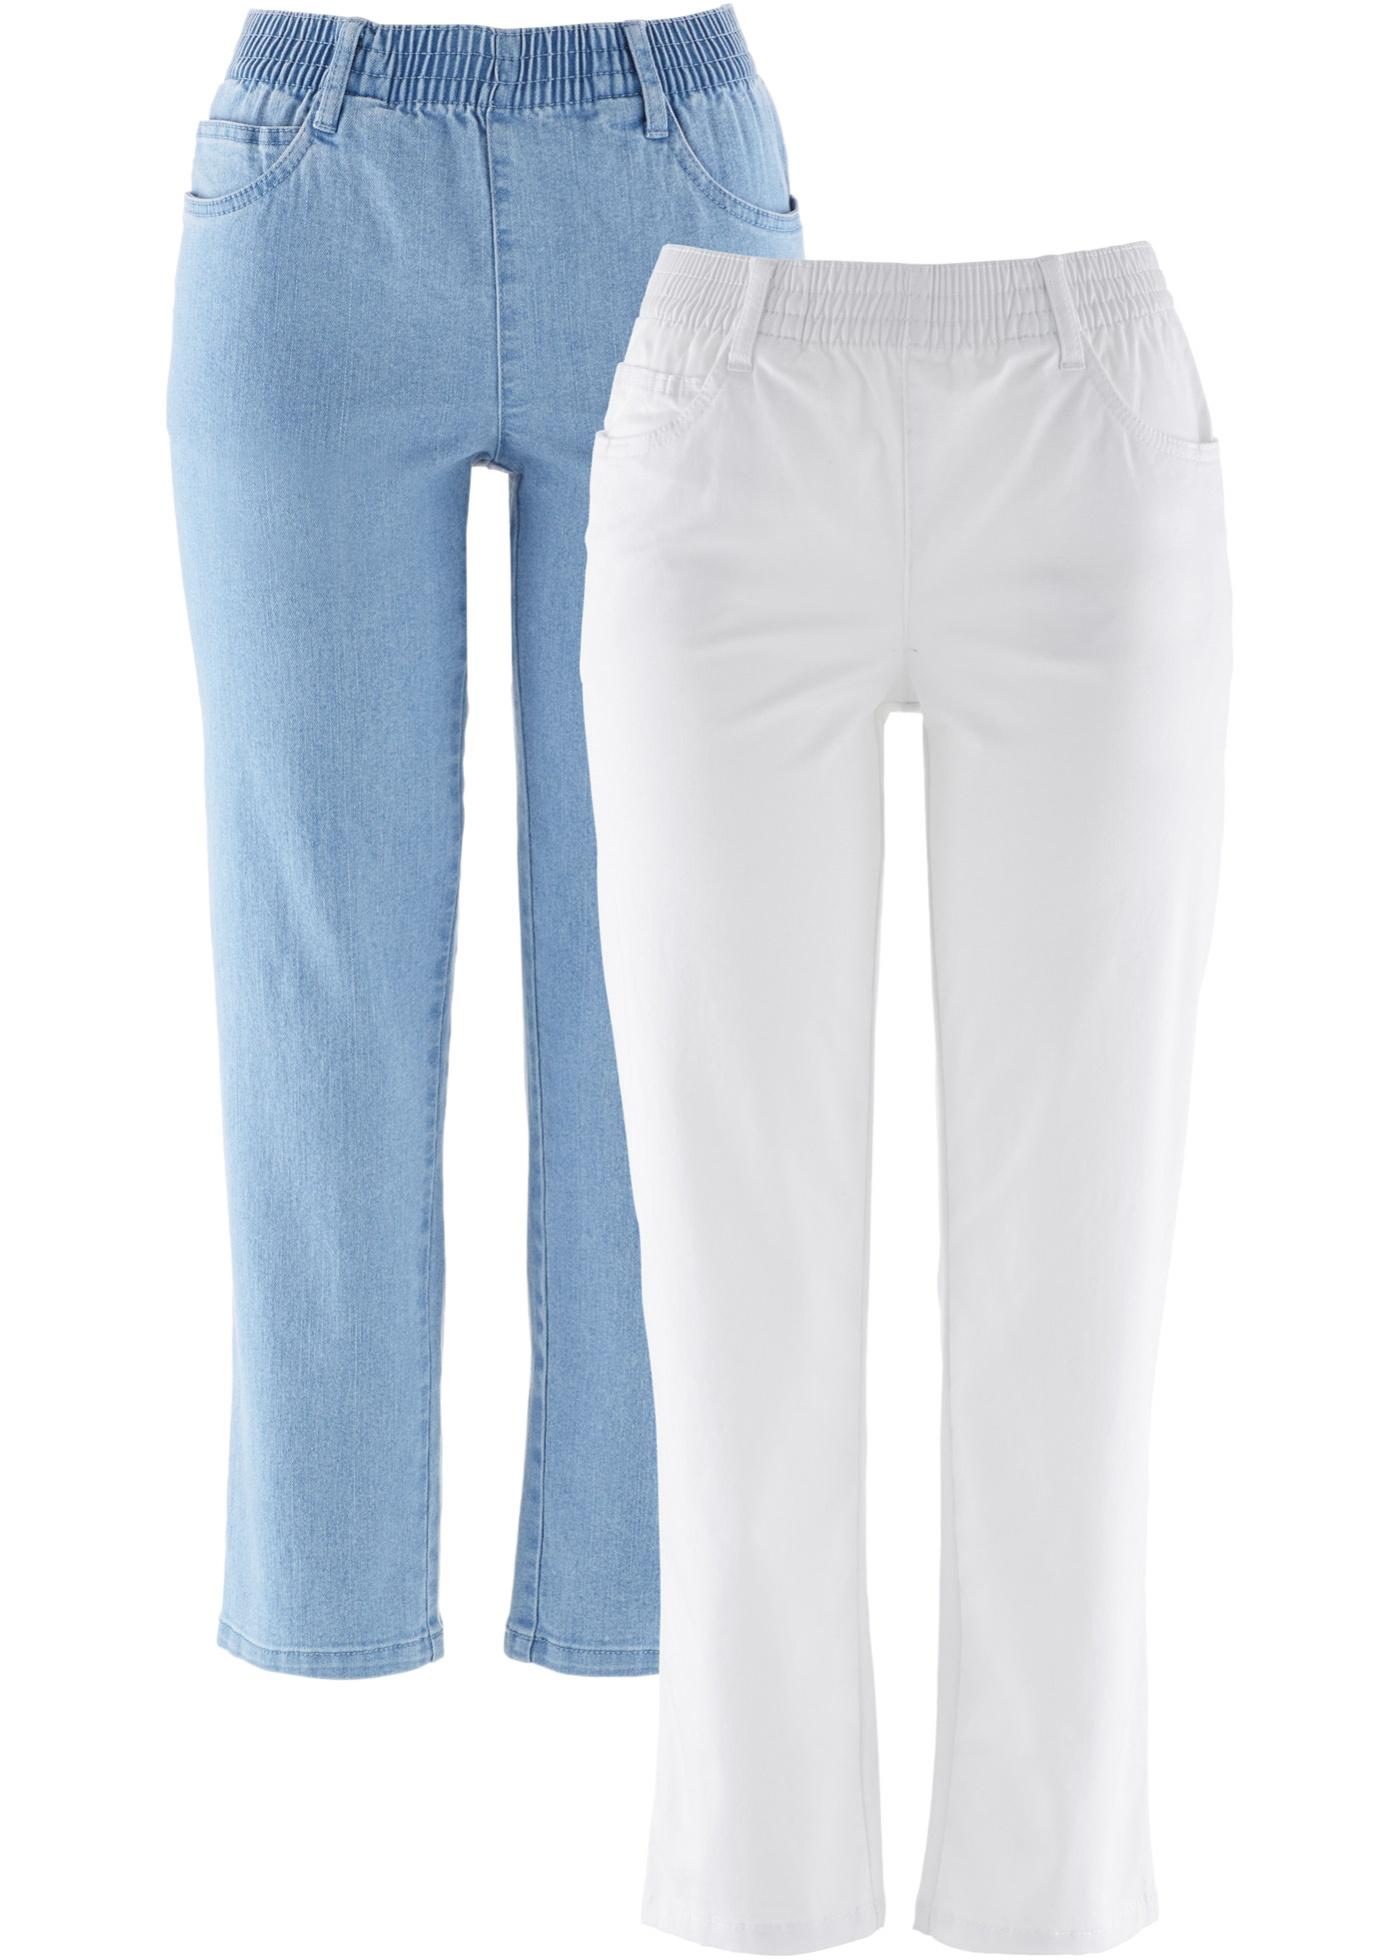 Hosen - 7 8 Komfort Stretch Hose mit Bequembund (2er Pack) › bonprix › weiß  - Onlineshop Bonprix